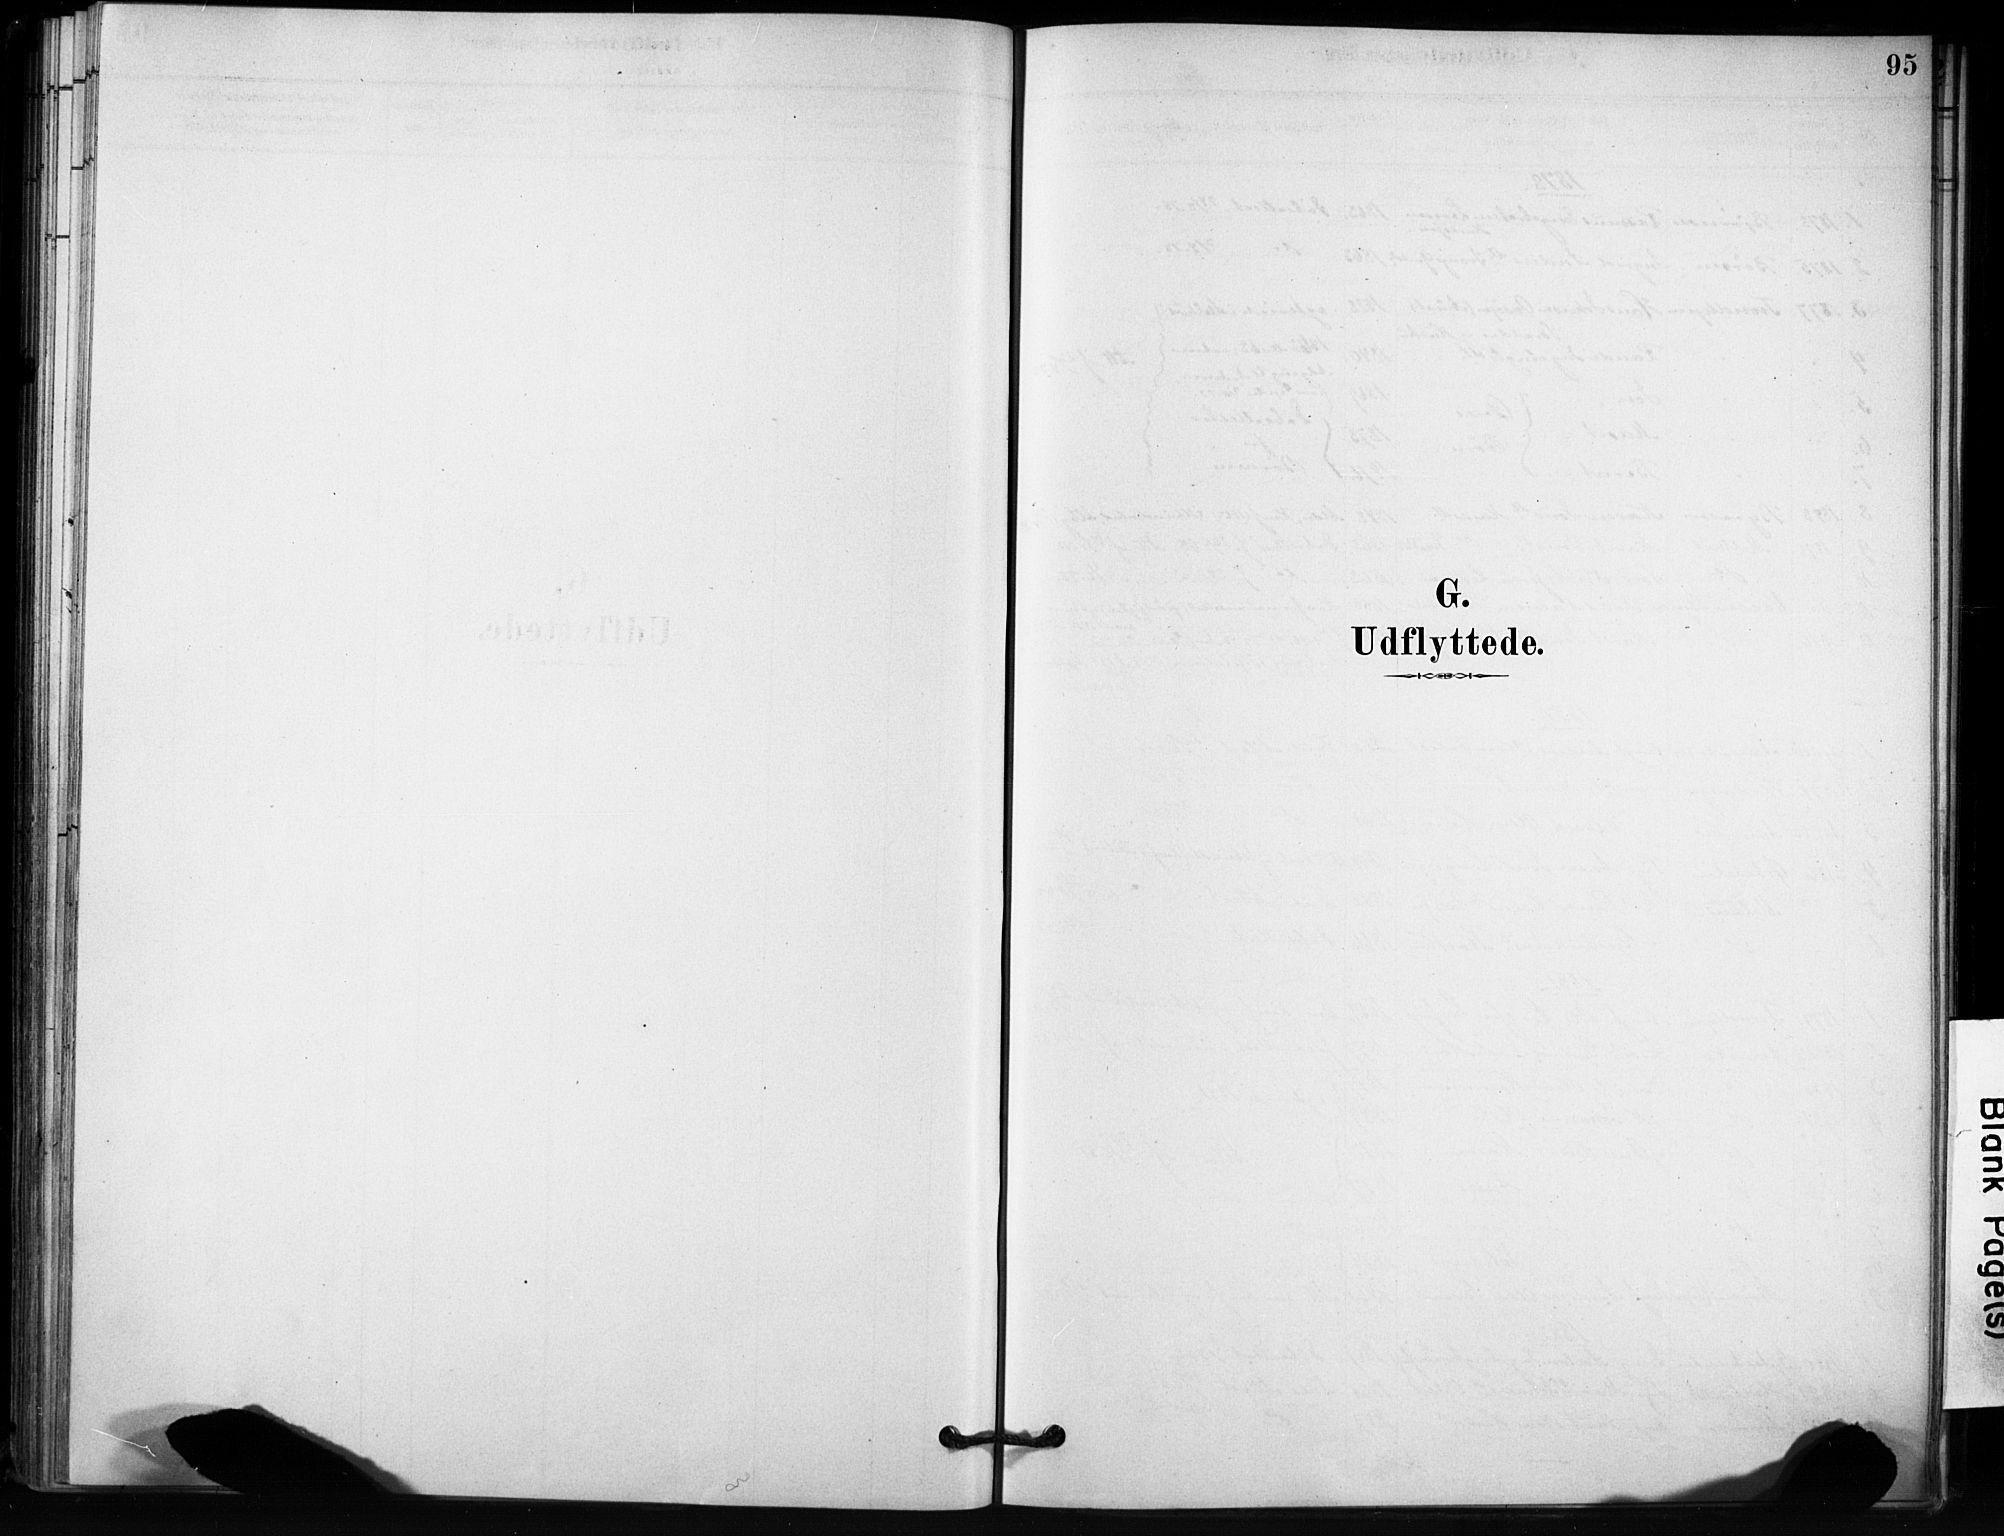 SAT, Ministerialprotokoller, klokkerbøker og fødselsregistre - Sør-Trøndelag, 666/L0786: Ministerialbok nr. 666A04, 1878-1895, s. 95